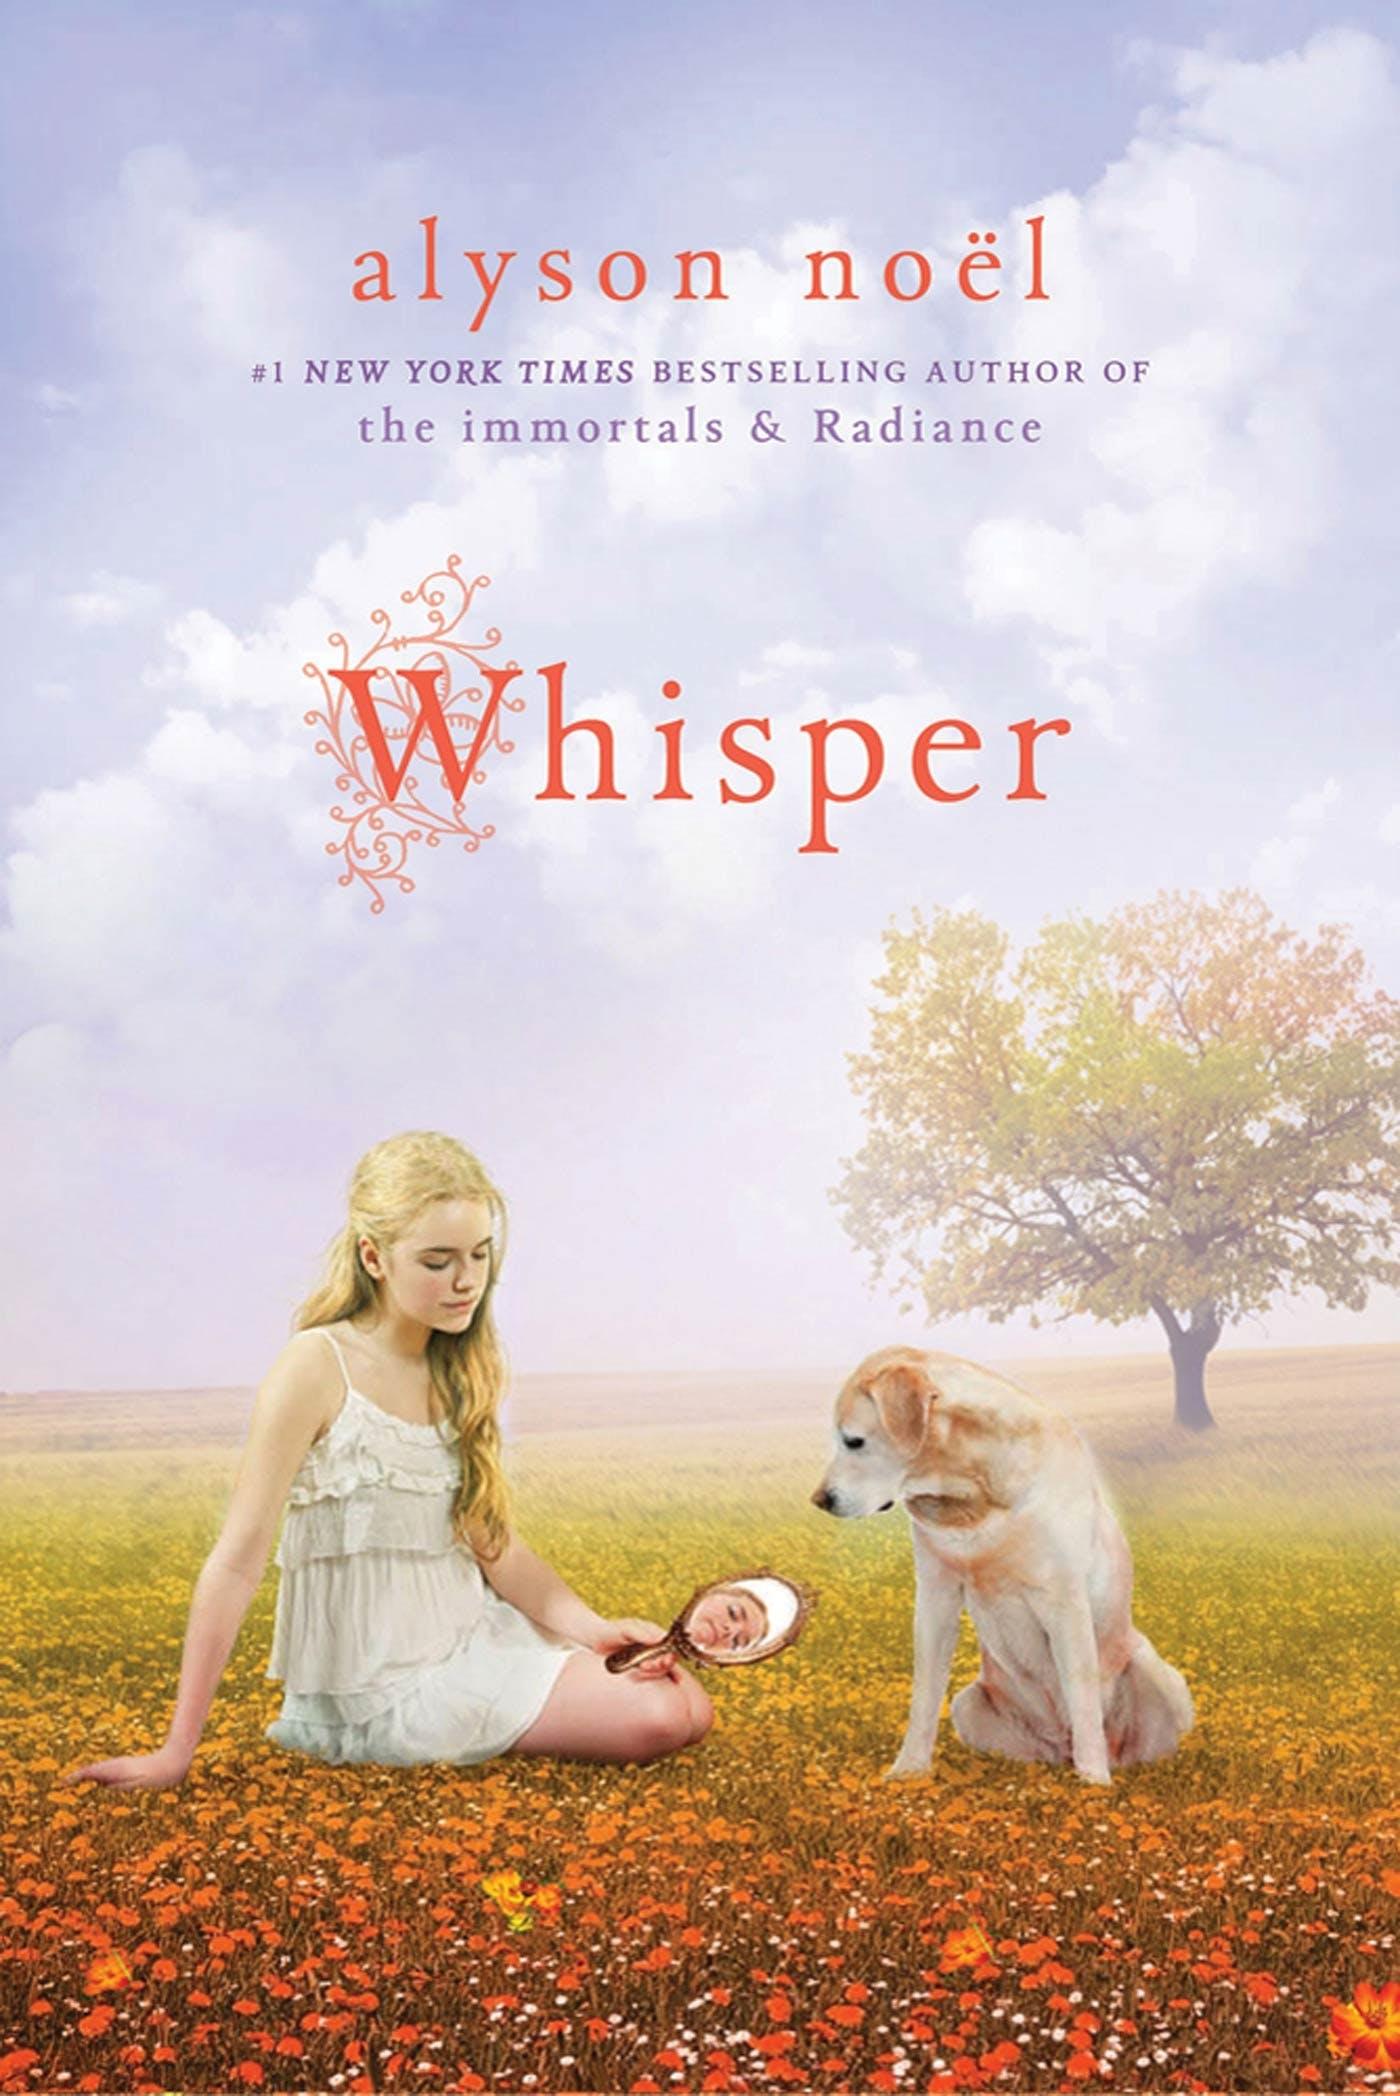 Image of Whisper